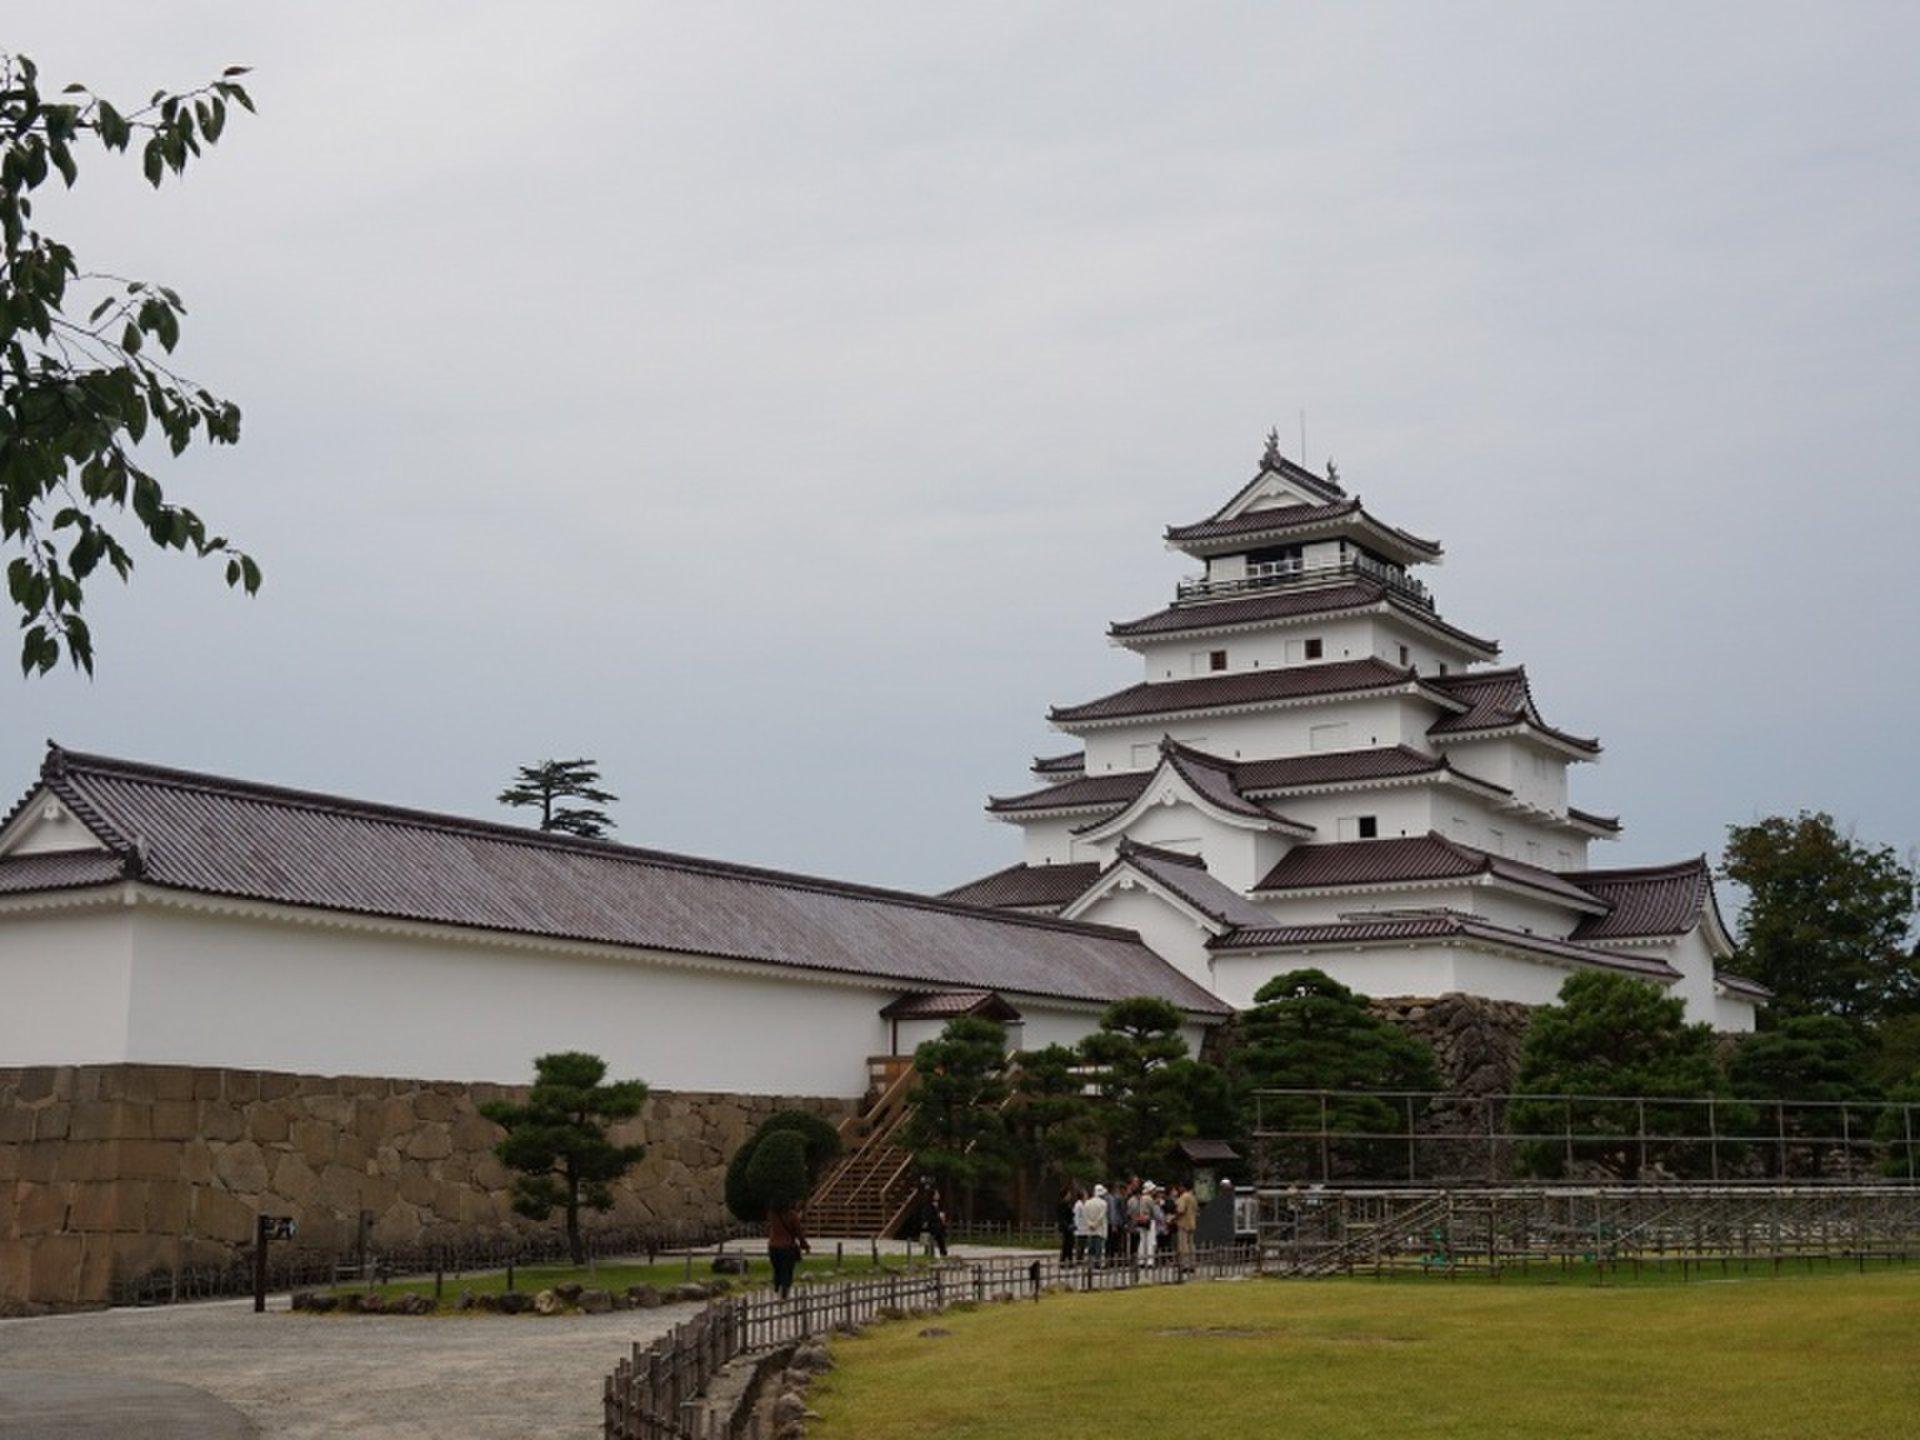 八重の桜でおなじみ!鶴ヶ城をじっくり楽しむプラン♪実は天守閣は、デートにもおすすめ♡会津郷土料理も!